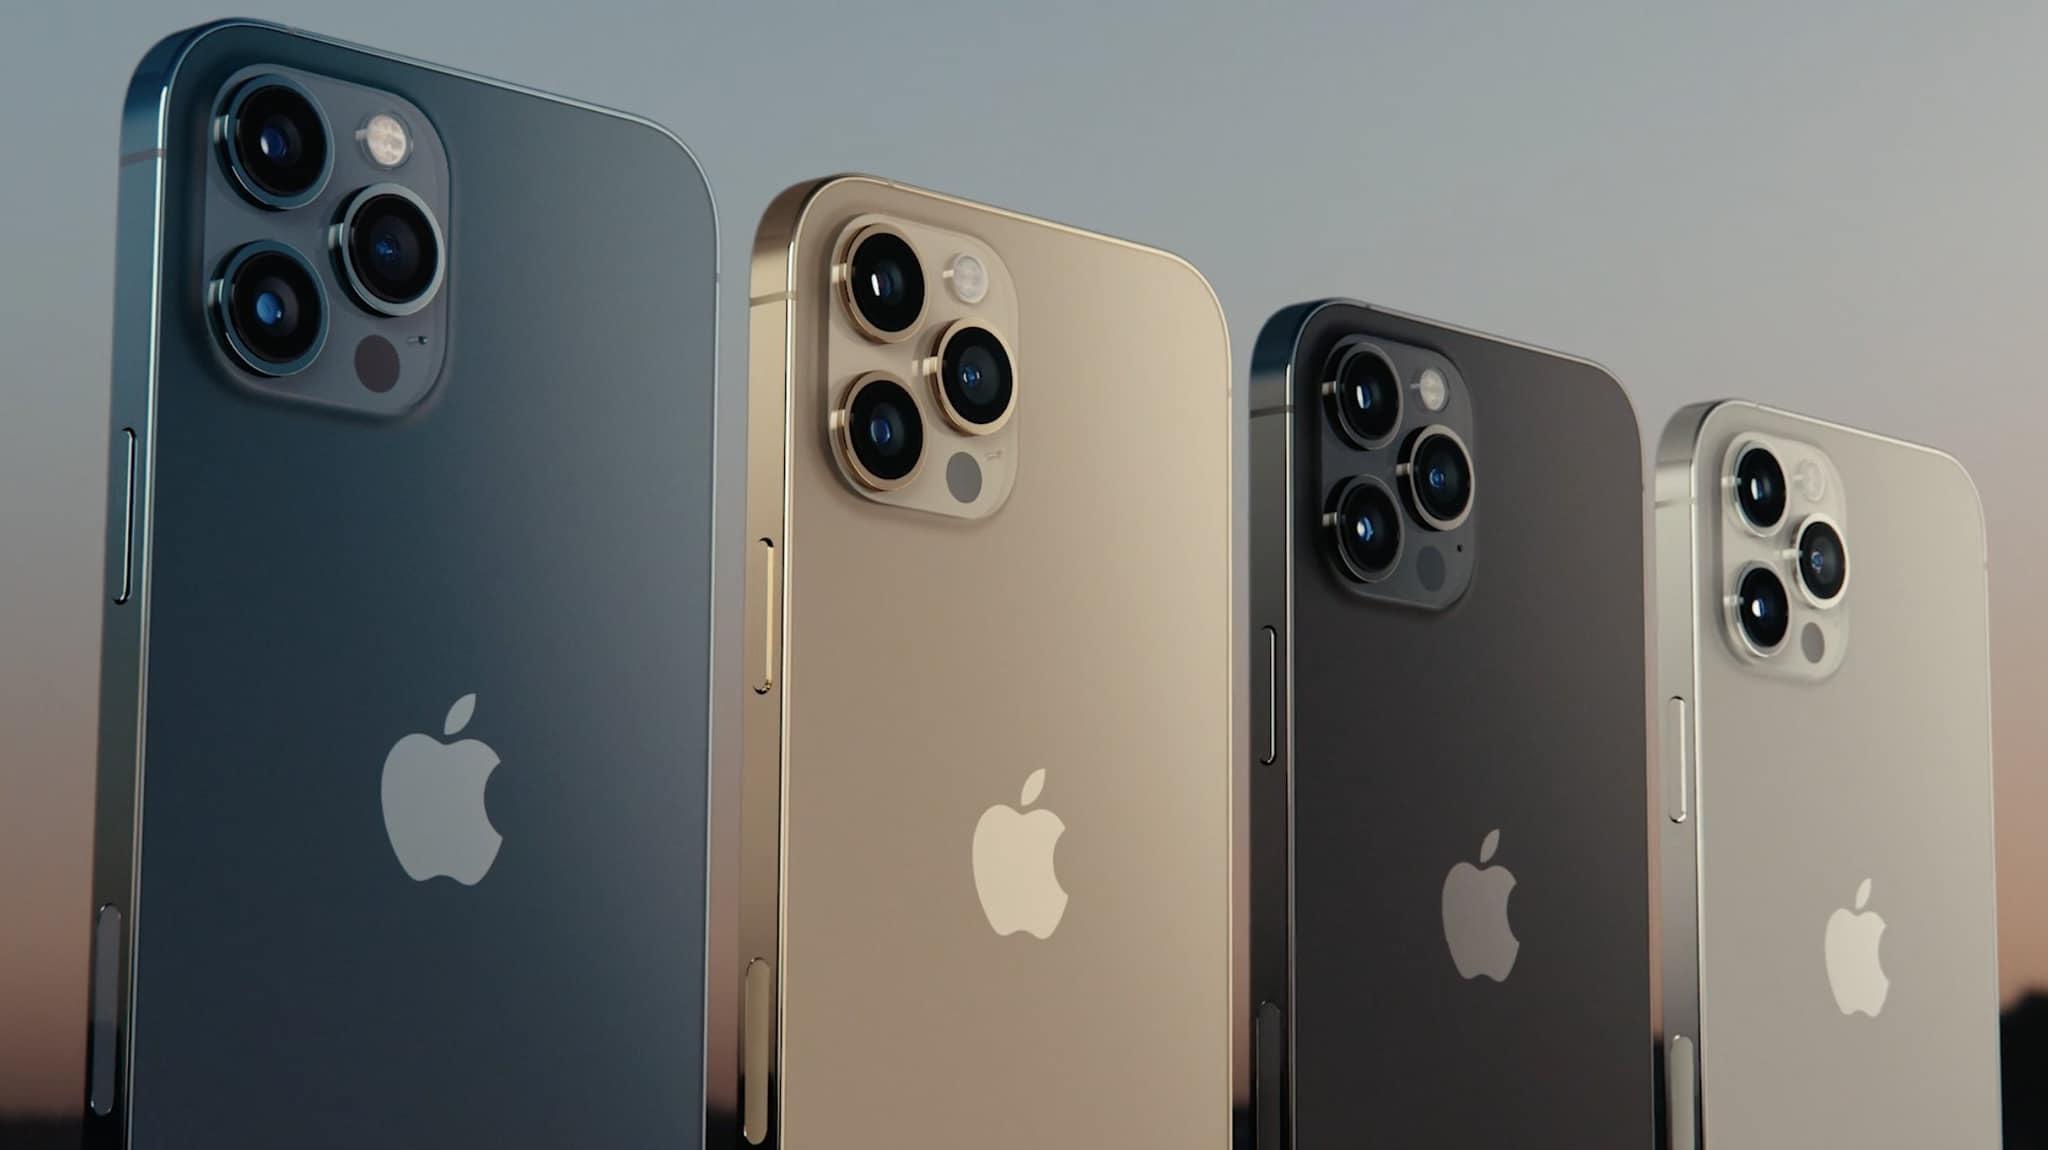 """iPhone 12 có giá rất đắt như thường lệ nhưng vì sao vẫn """"xắt ra miếng""""? - 2"""